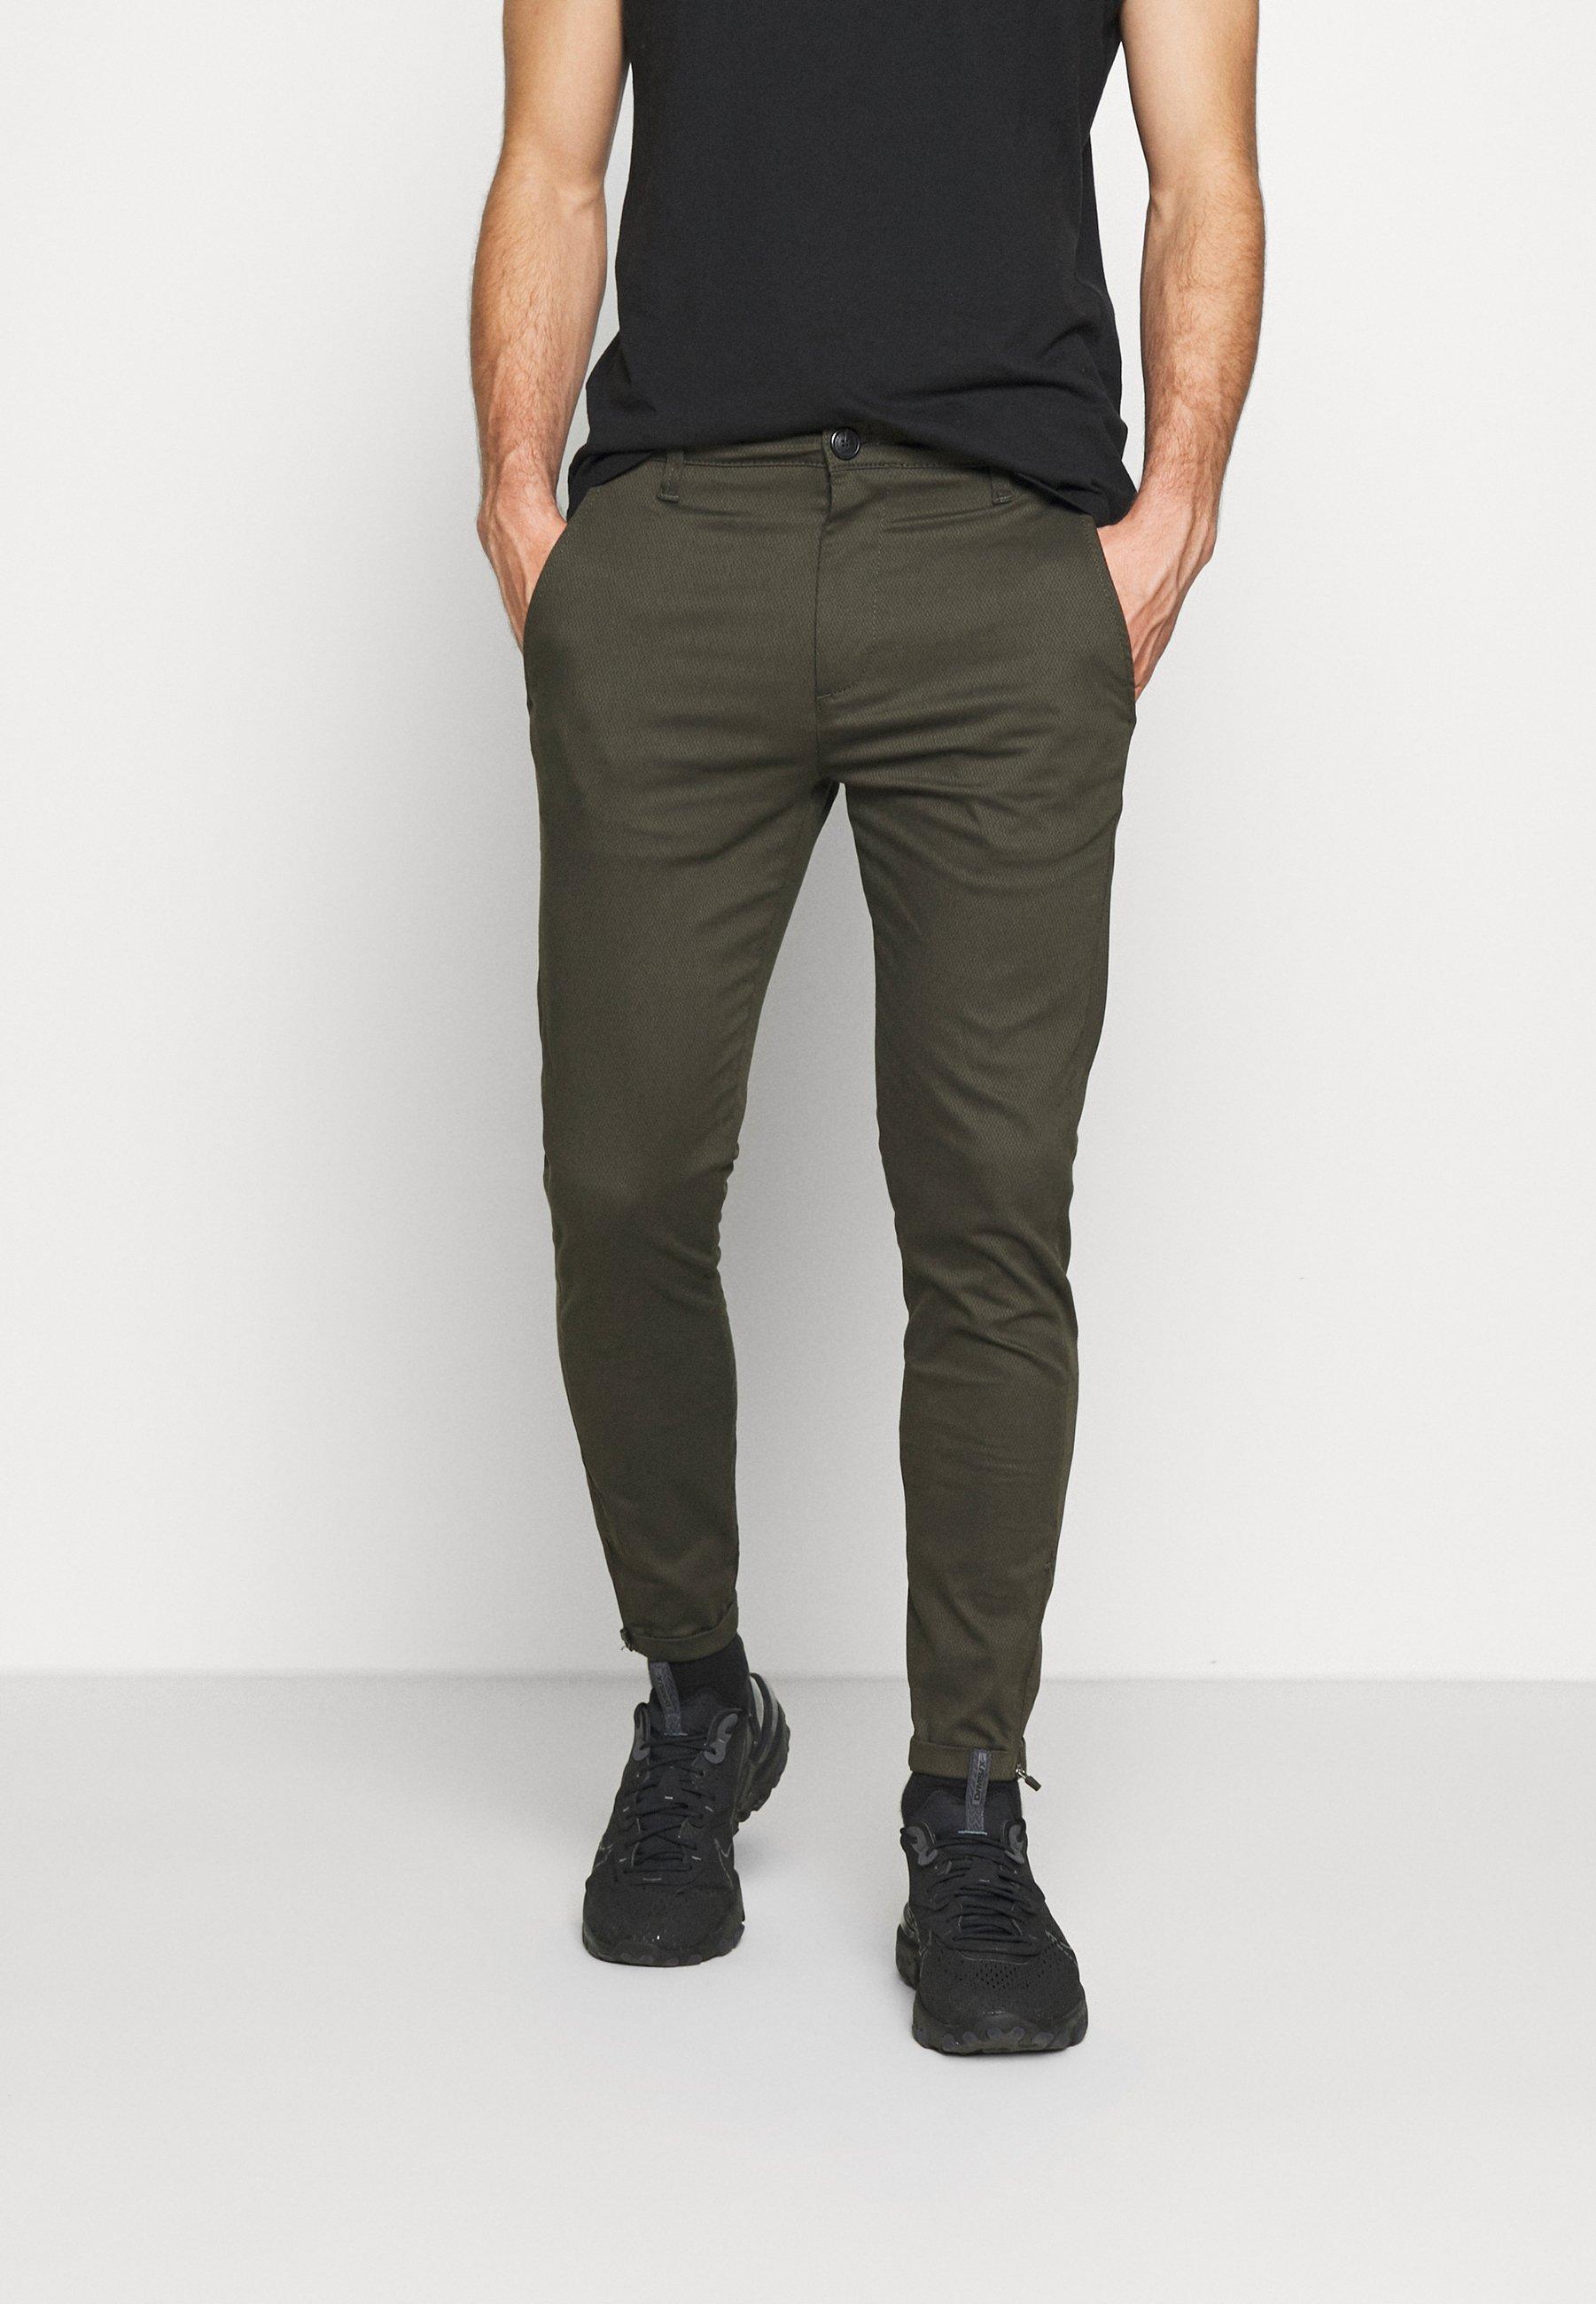 Uomo PISA DALE PANTS - Pantaloni